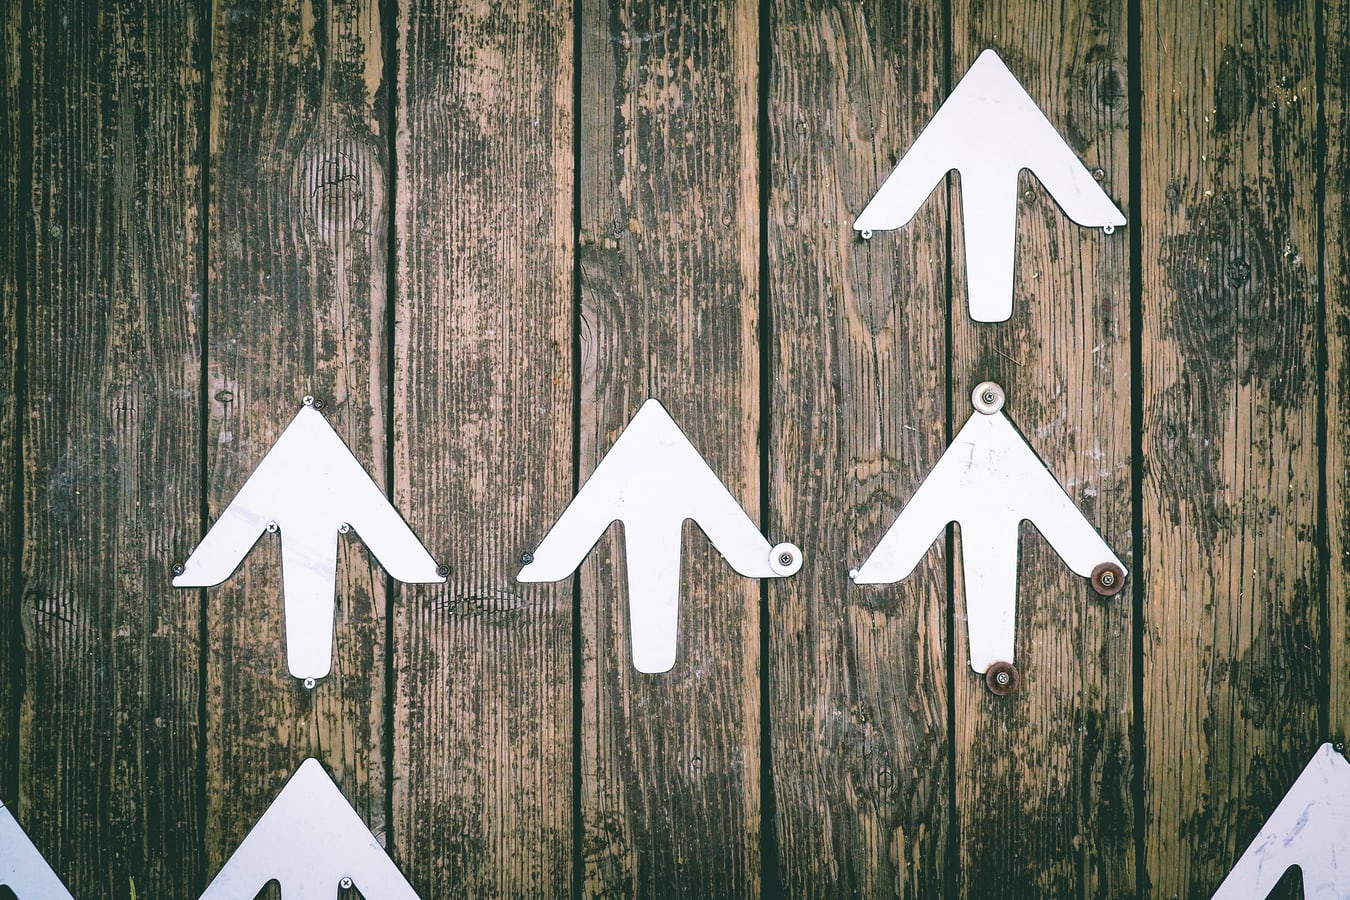 9-tips-på-hur-du-forbattrar-din-kreditvardighet